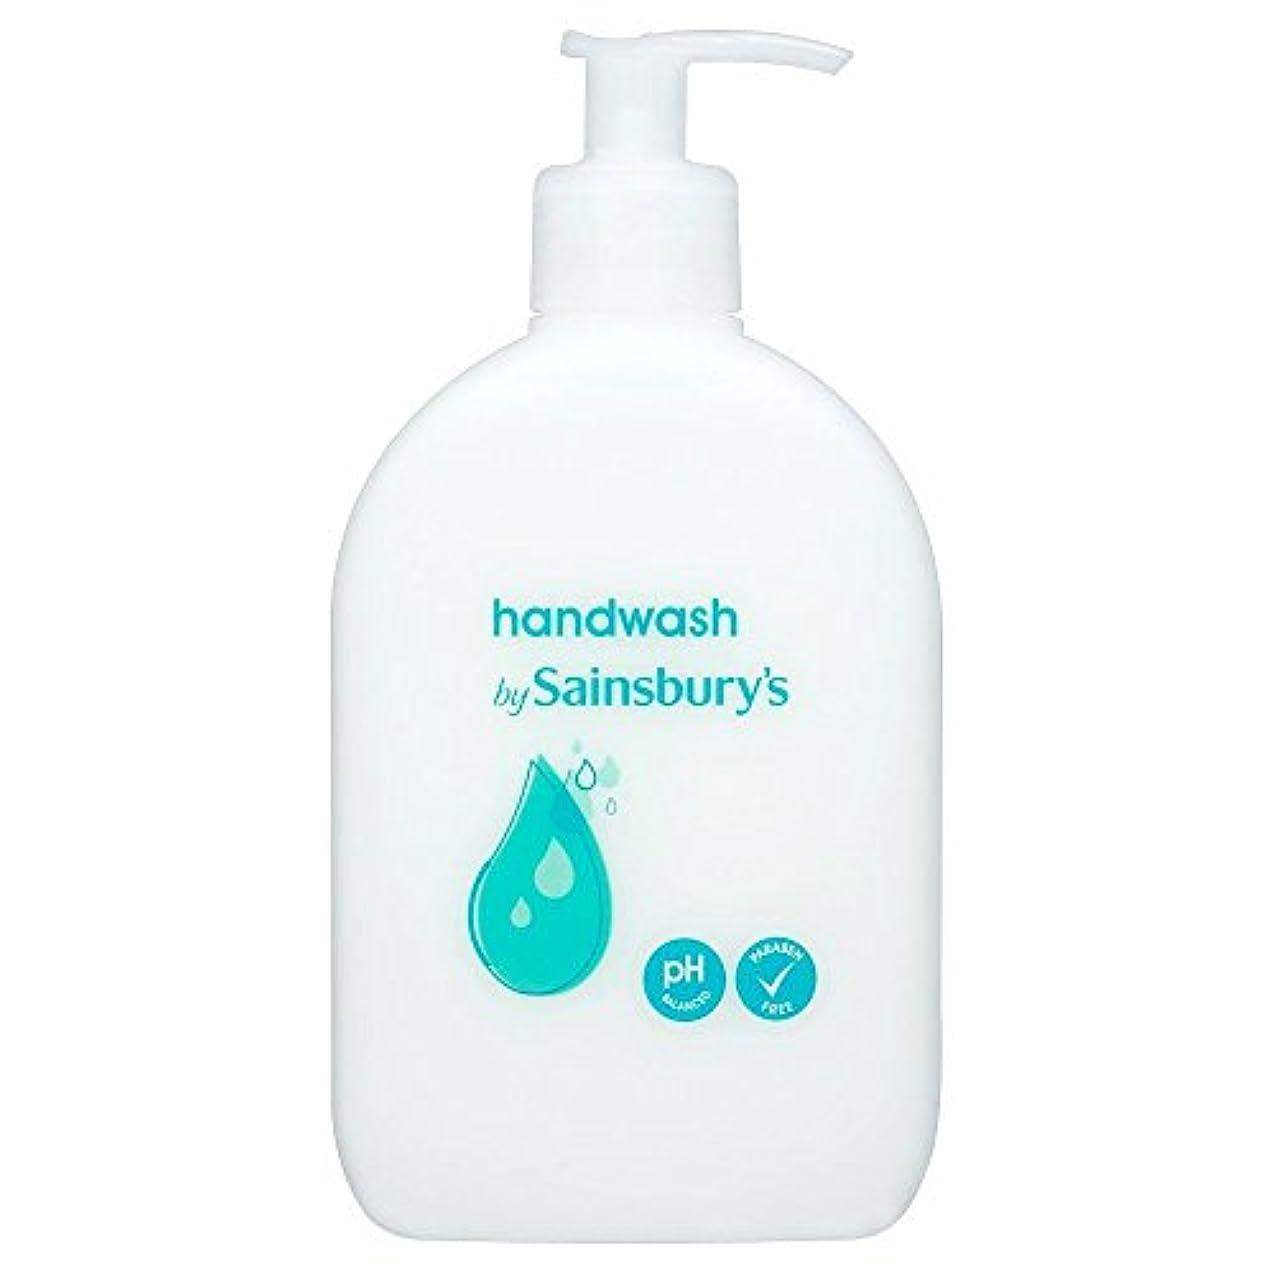 崩壊アクセスできない試用Sainsbury's Handwash, White 500ml - (Sainsbury's) 手洗い、白500ミリリットル [並行輸入品]